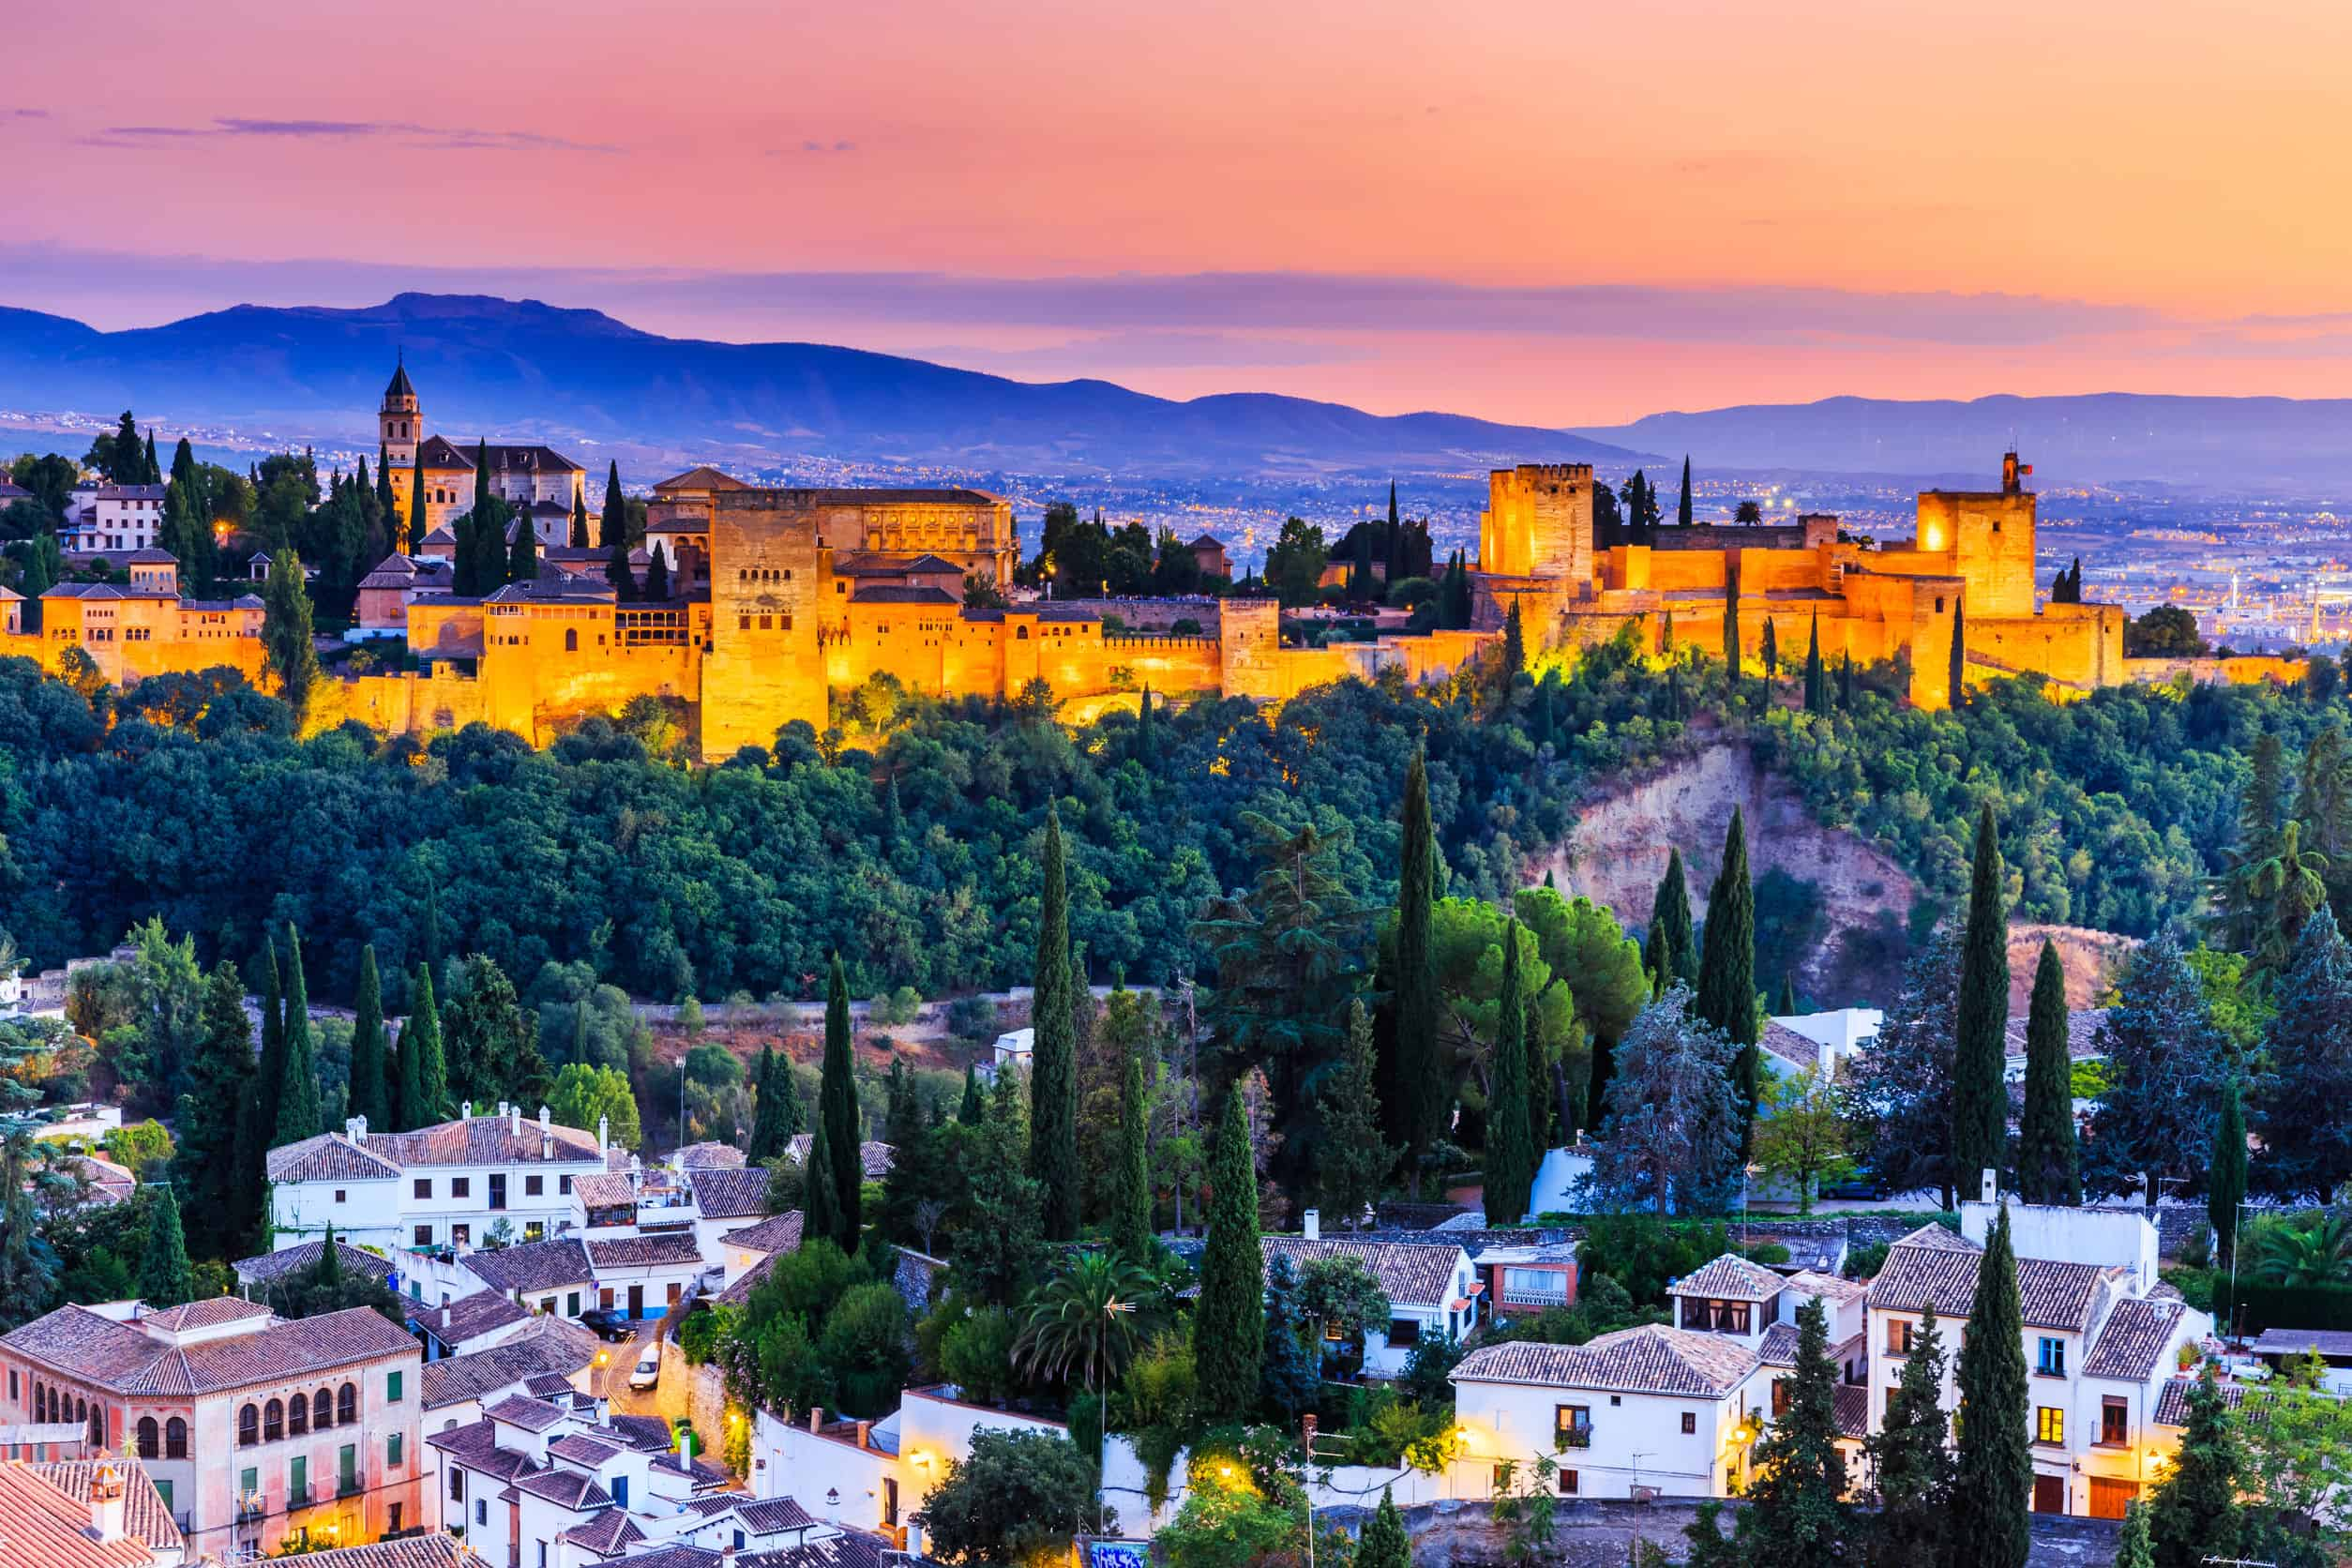 Rundreise Andalusien: Empfehlungen & Vergleich (09/20)